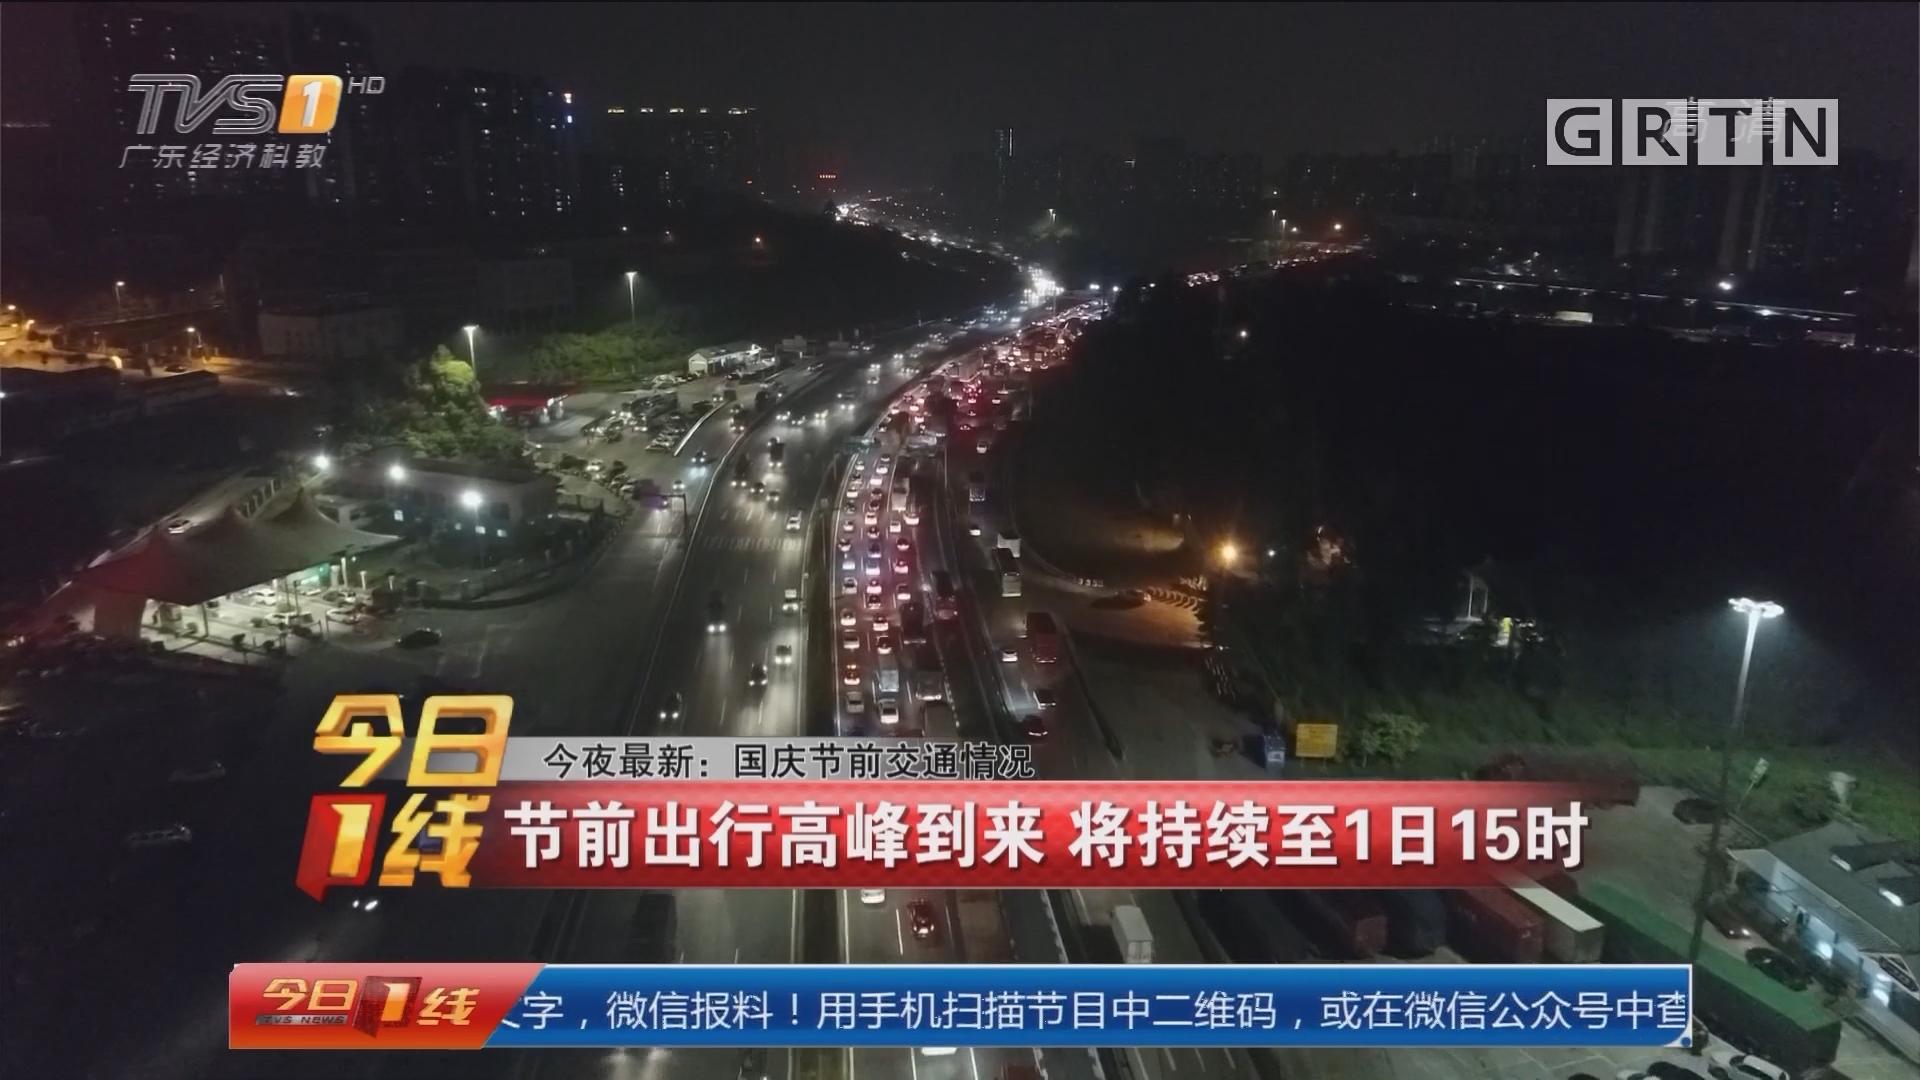 今夜最新:国庆节前交通情况 节前出行高峰到来 将持续至1日15时